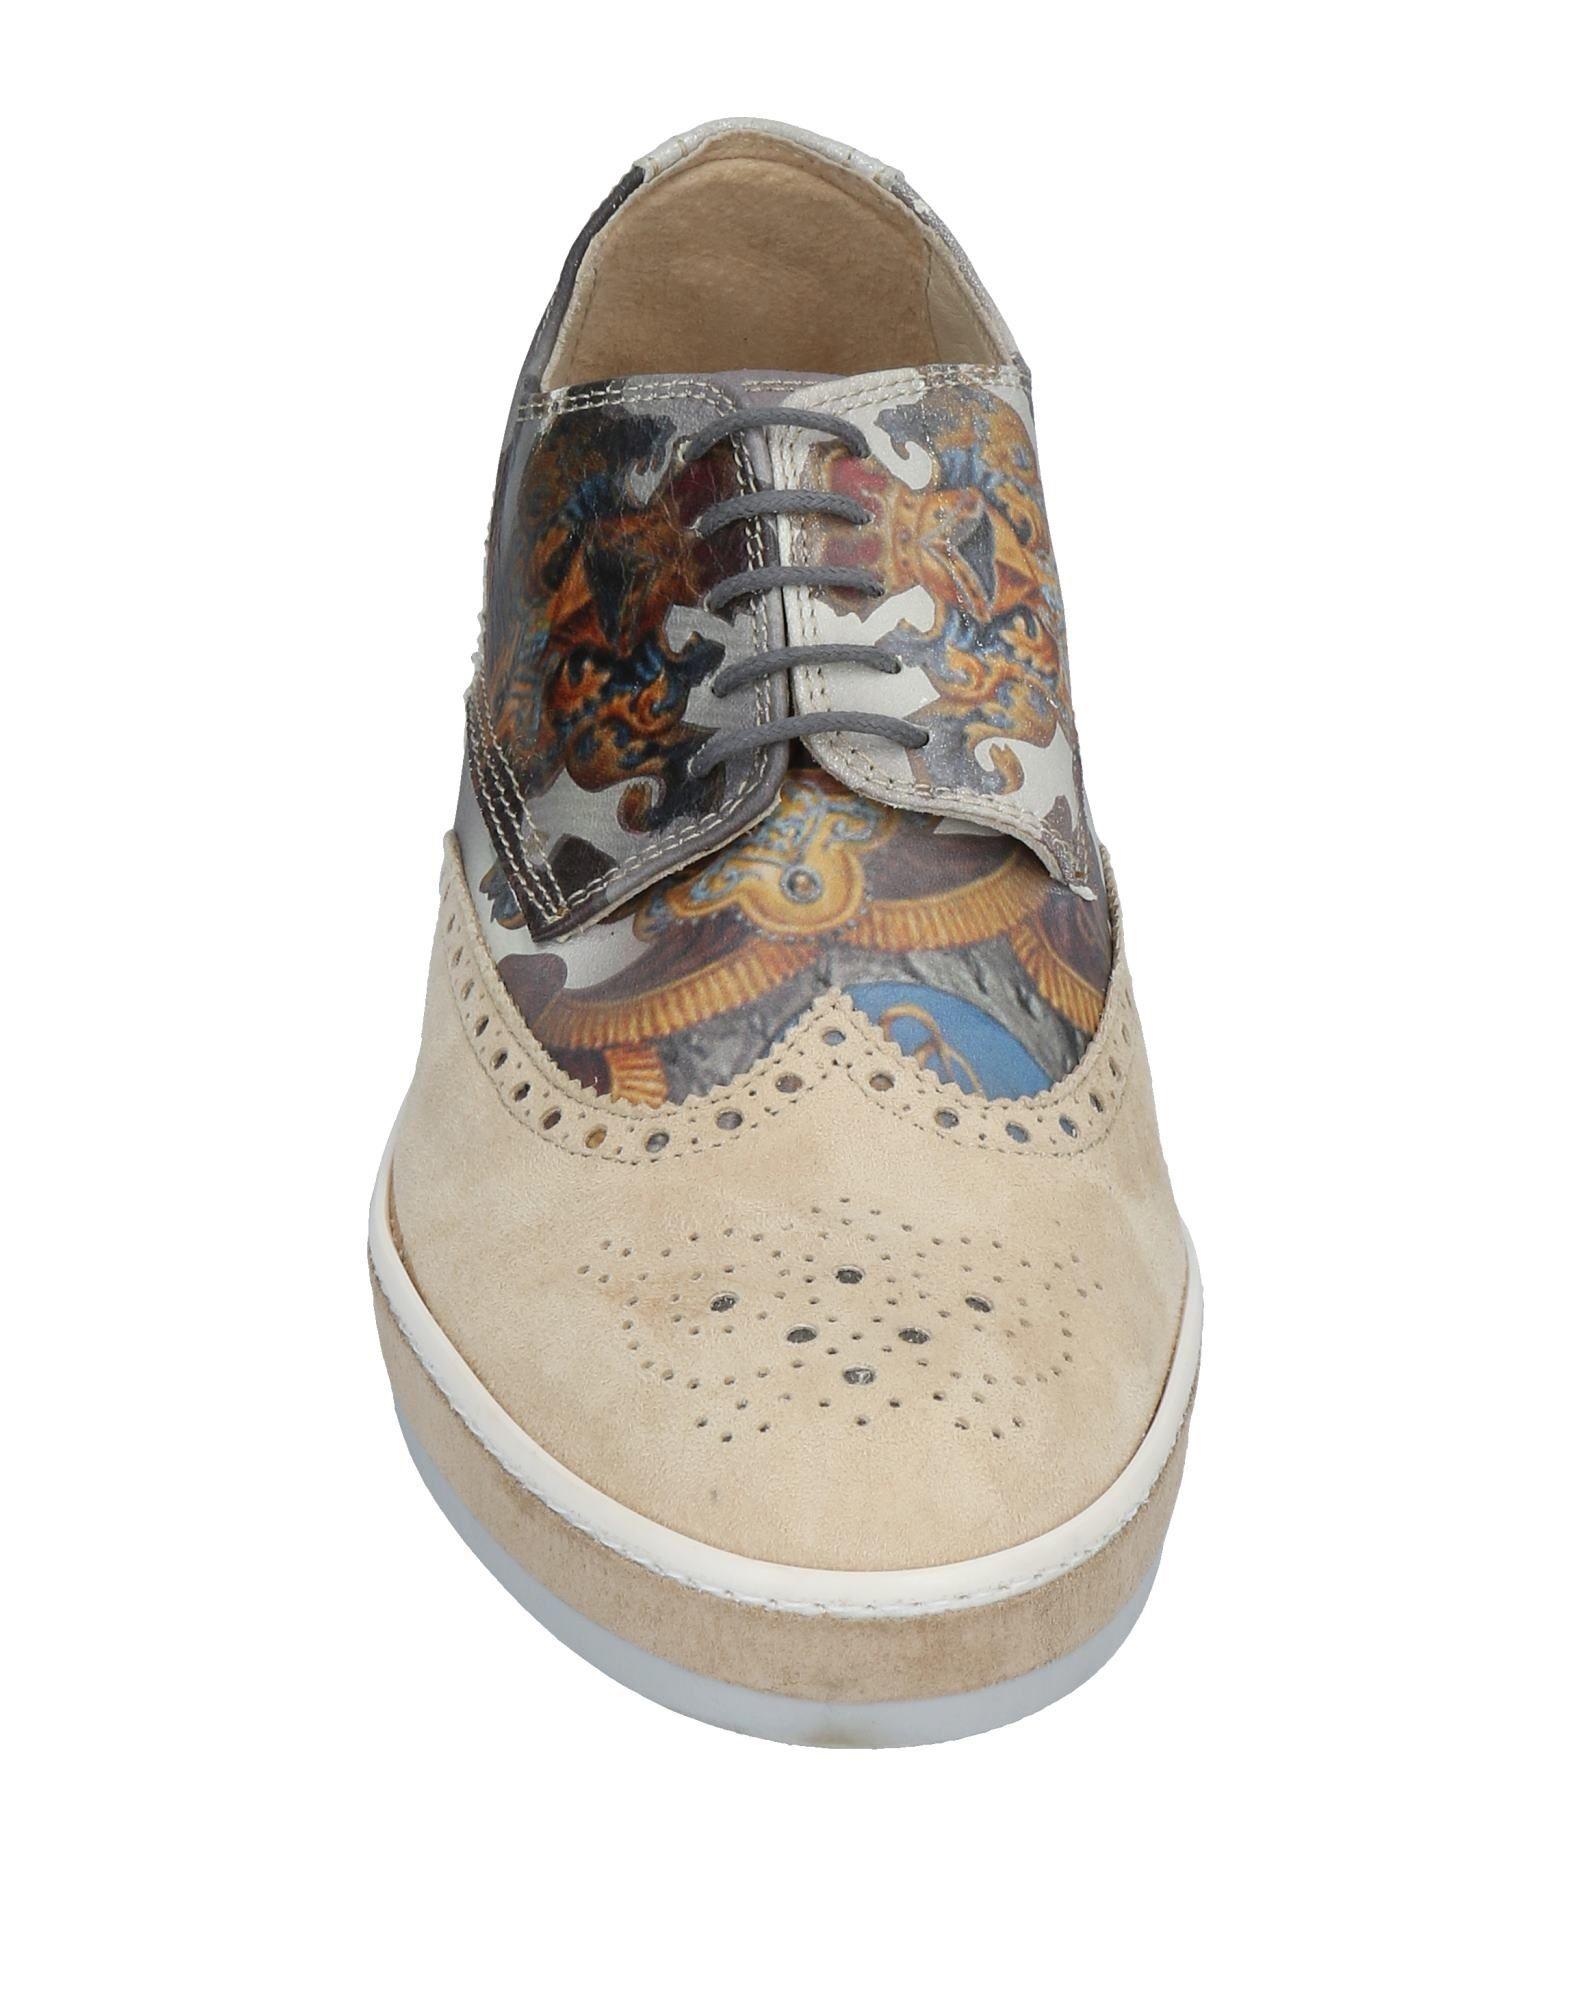 Soisire Soiebleu Schnürschuhe Herren Herren Herren  11478877IK Neue Schuhe 7411a5